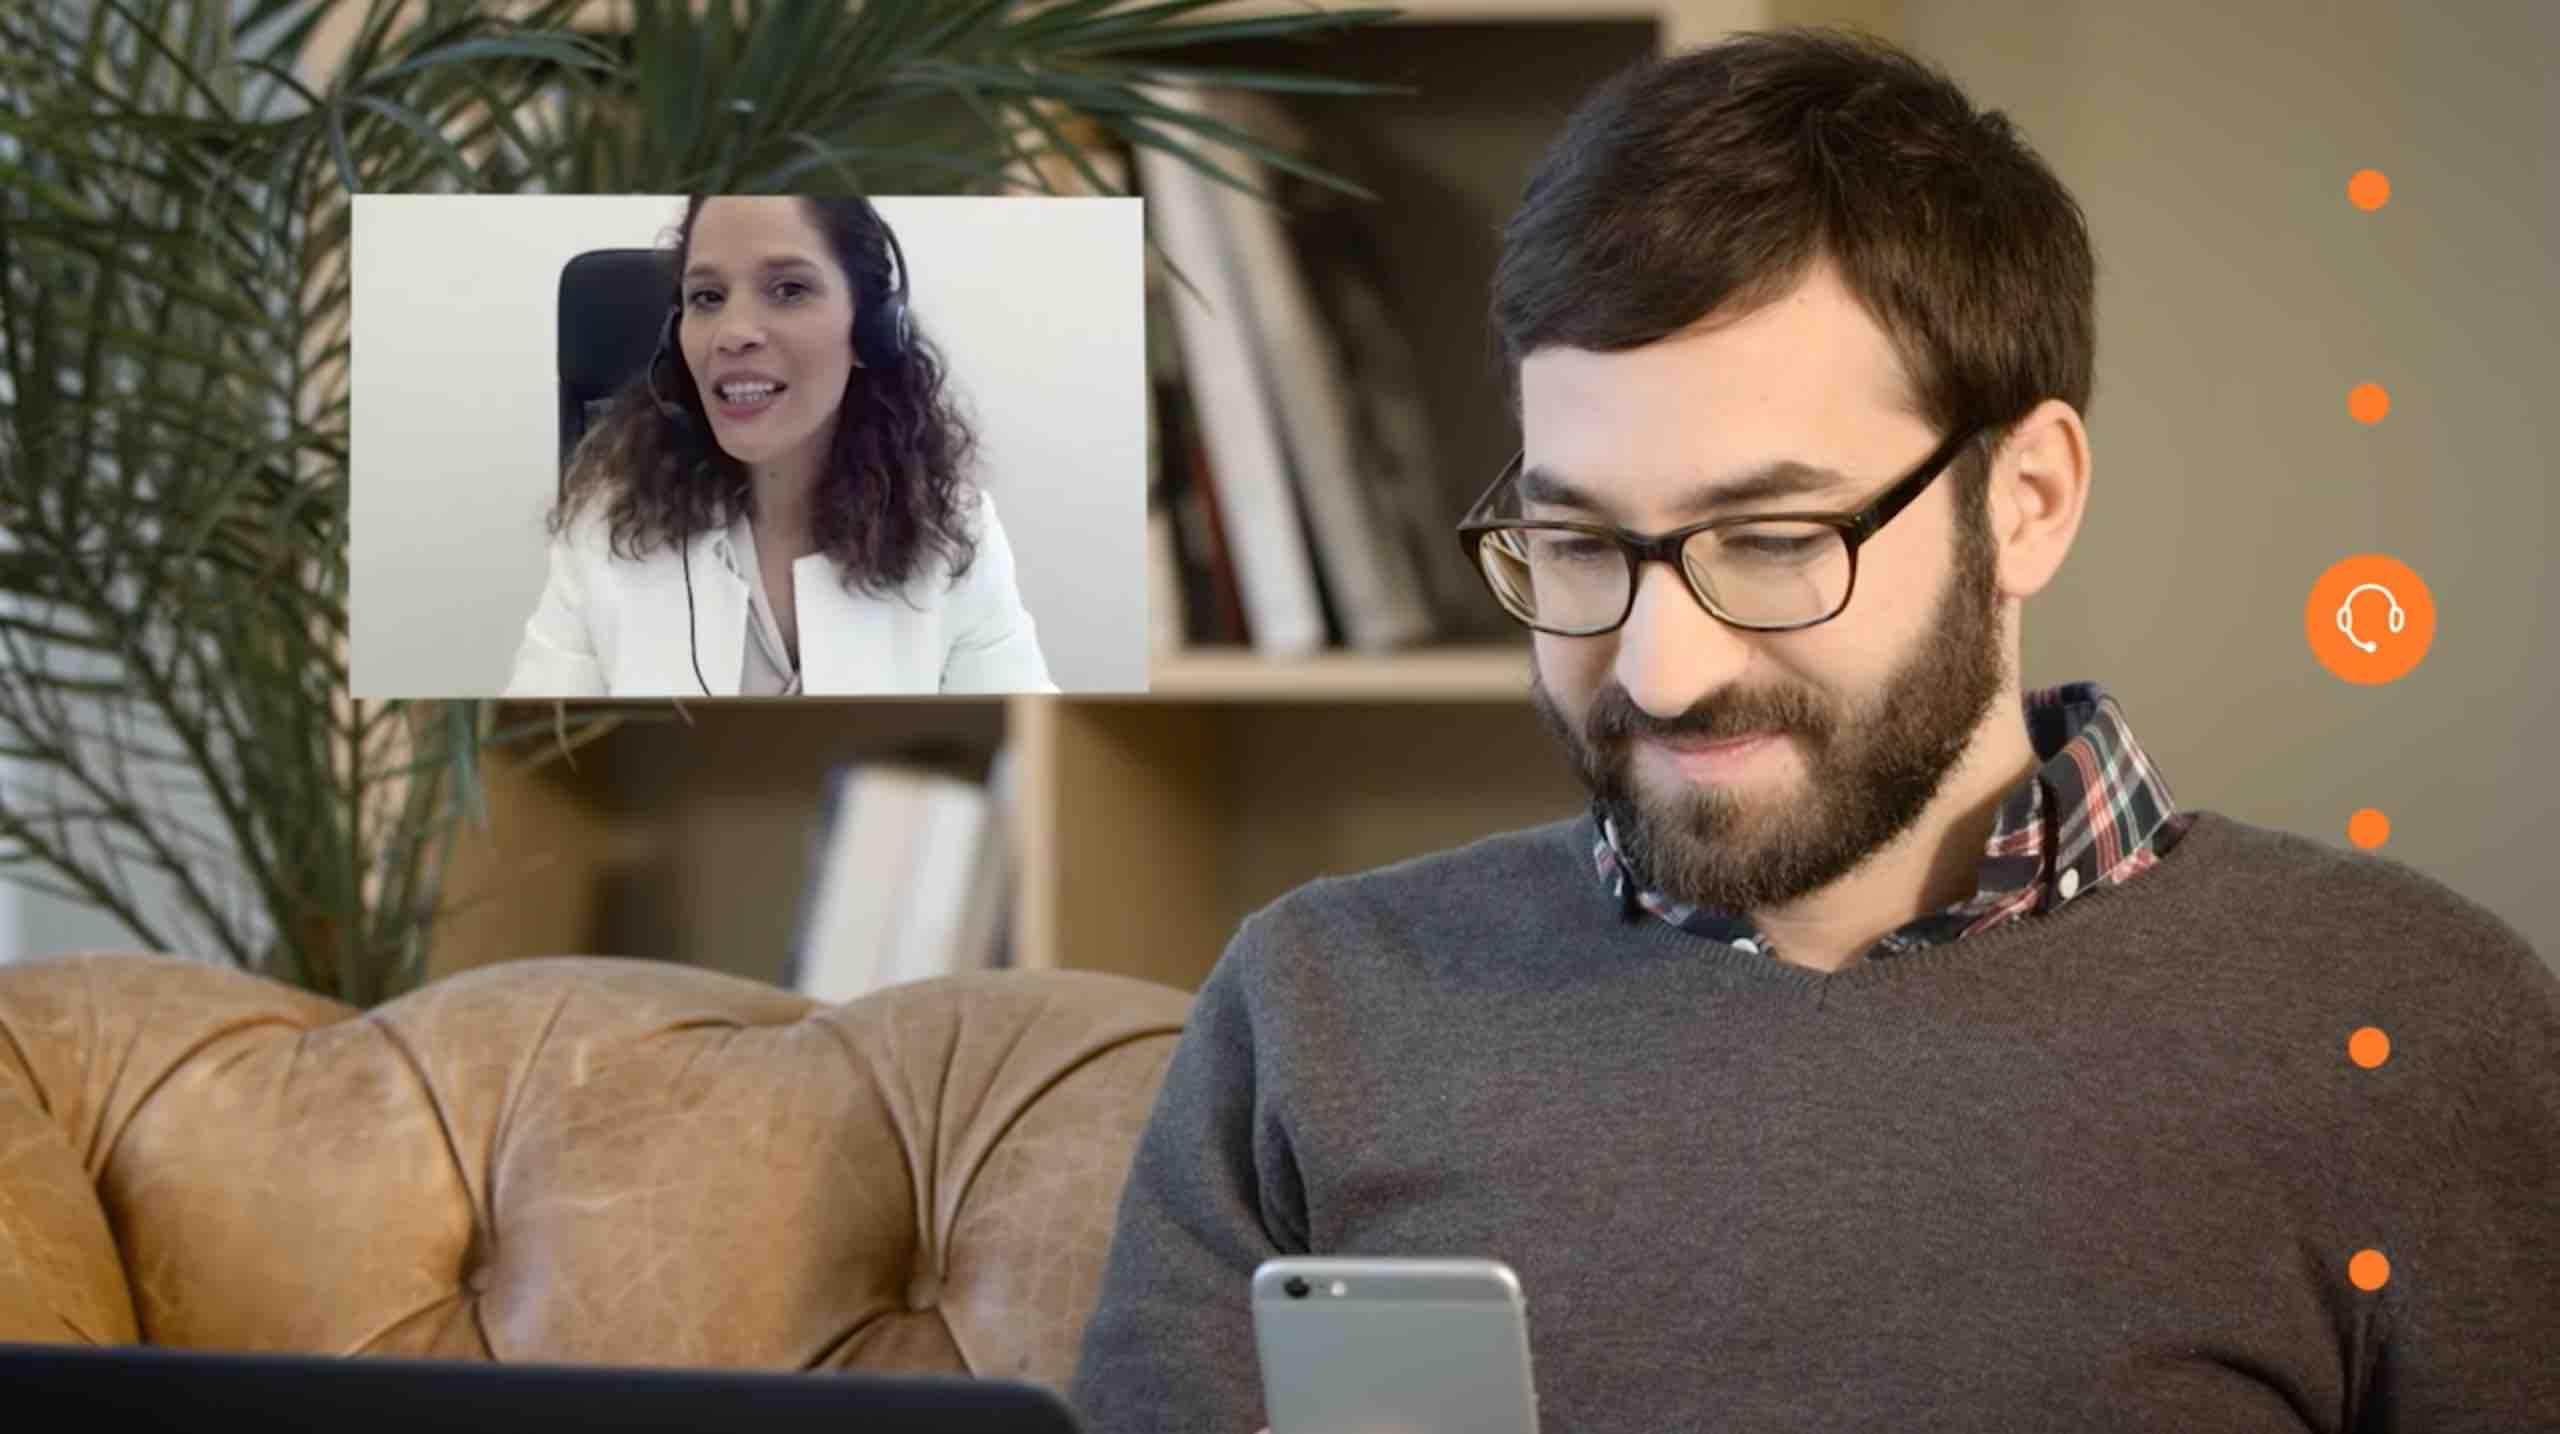 videoazonosítás videochat bankszámlanyítás AML